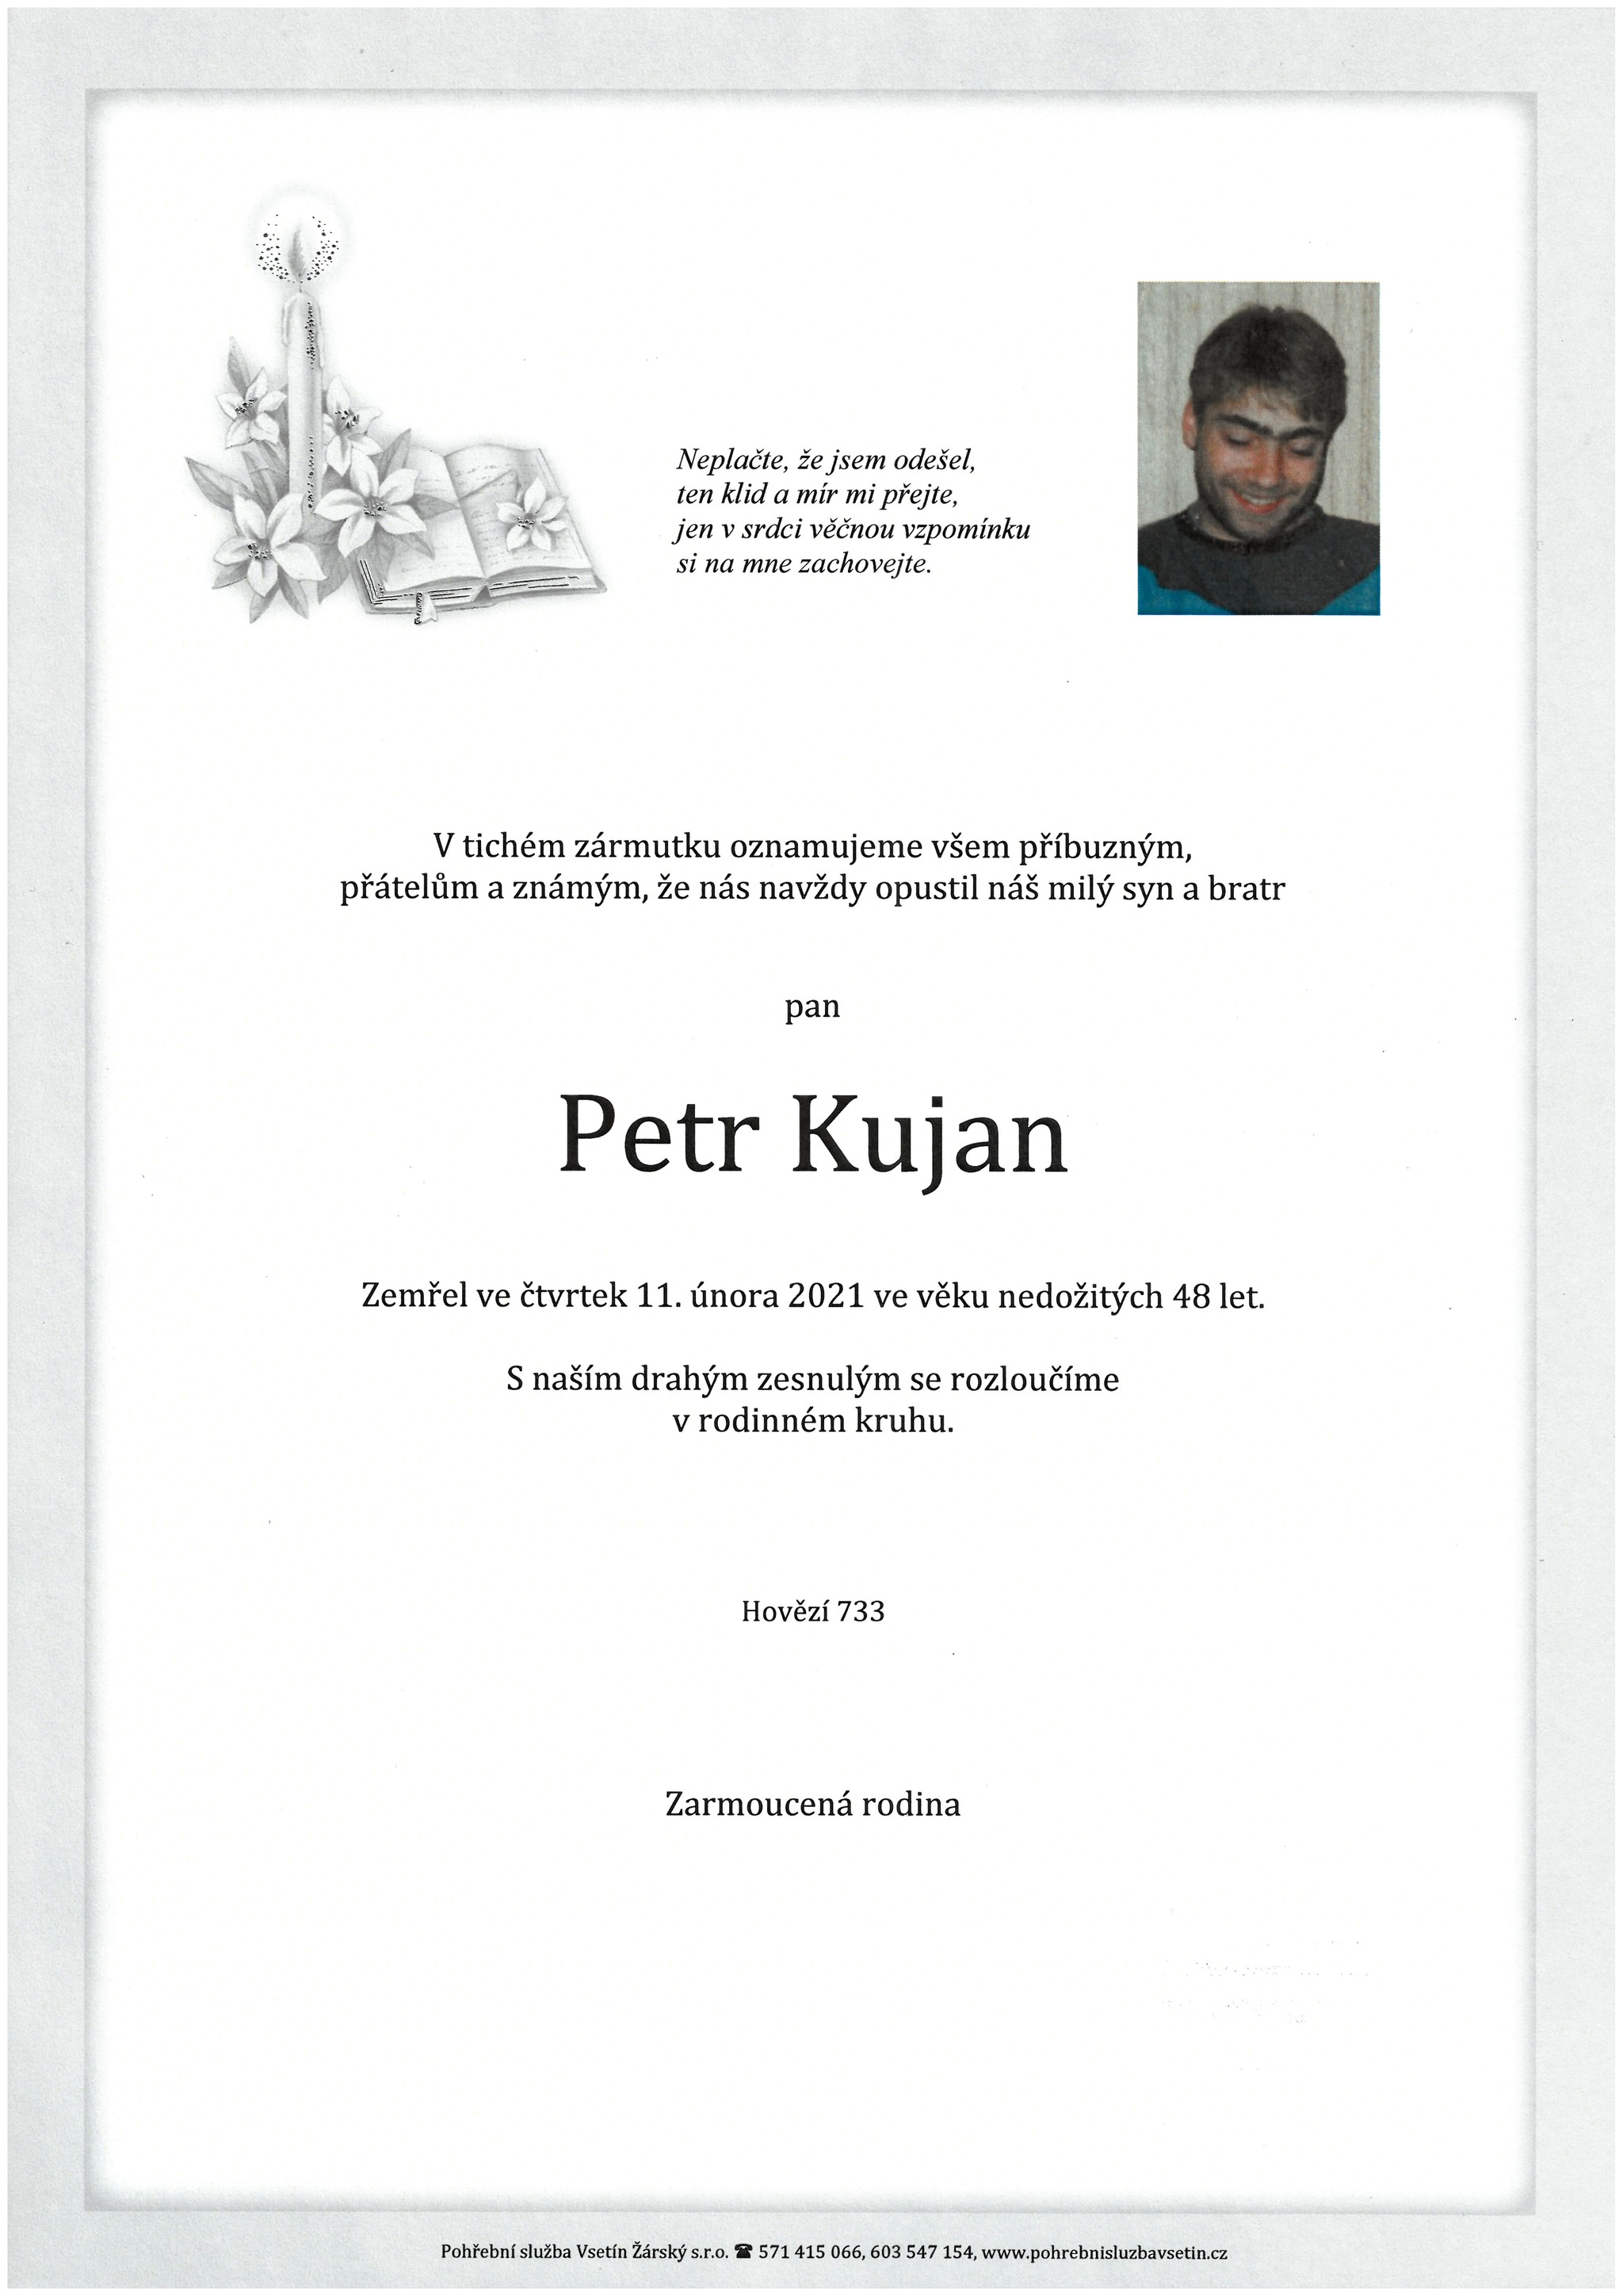 Petr Kujan